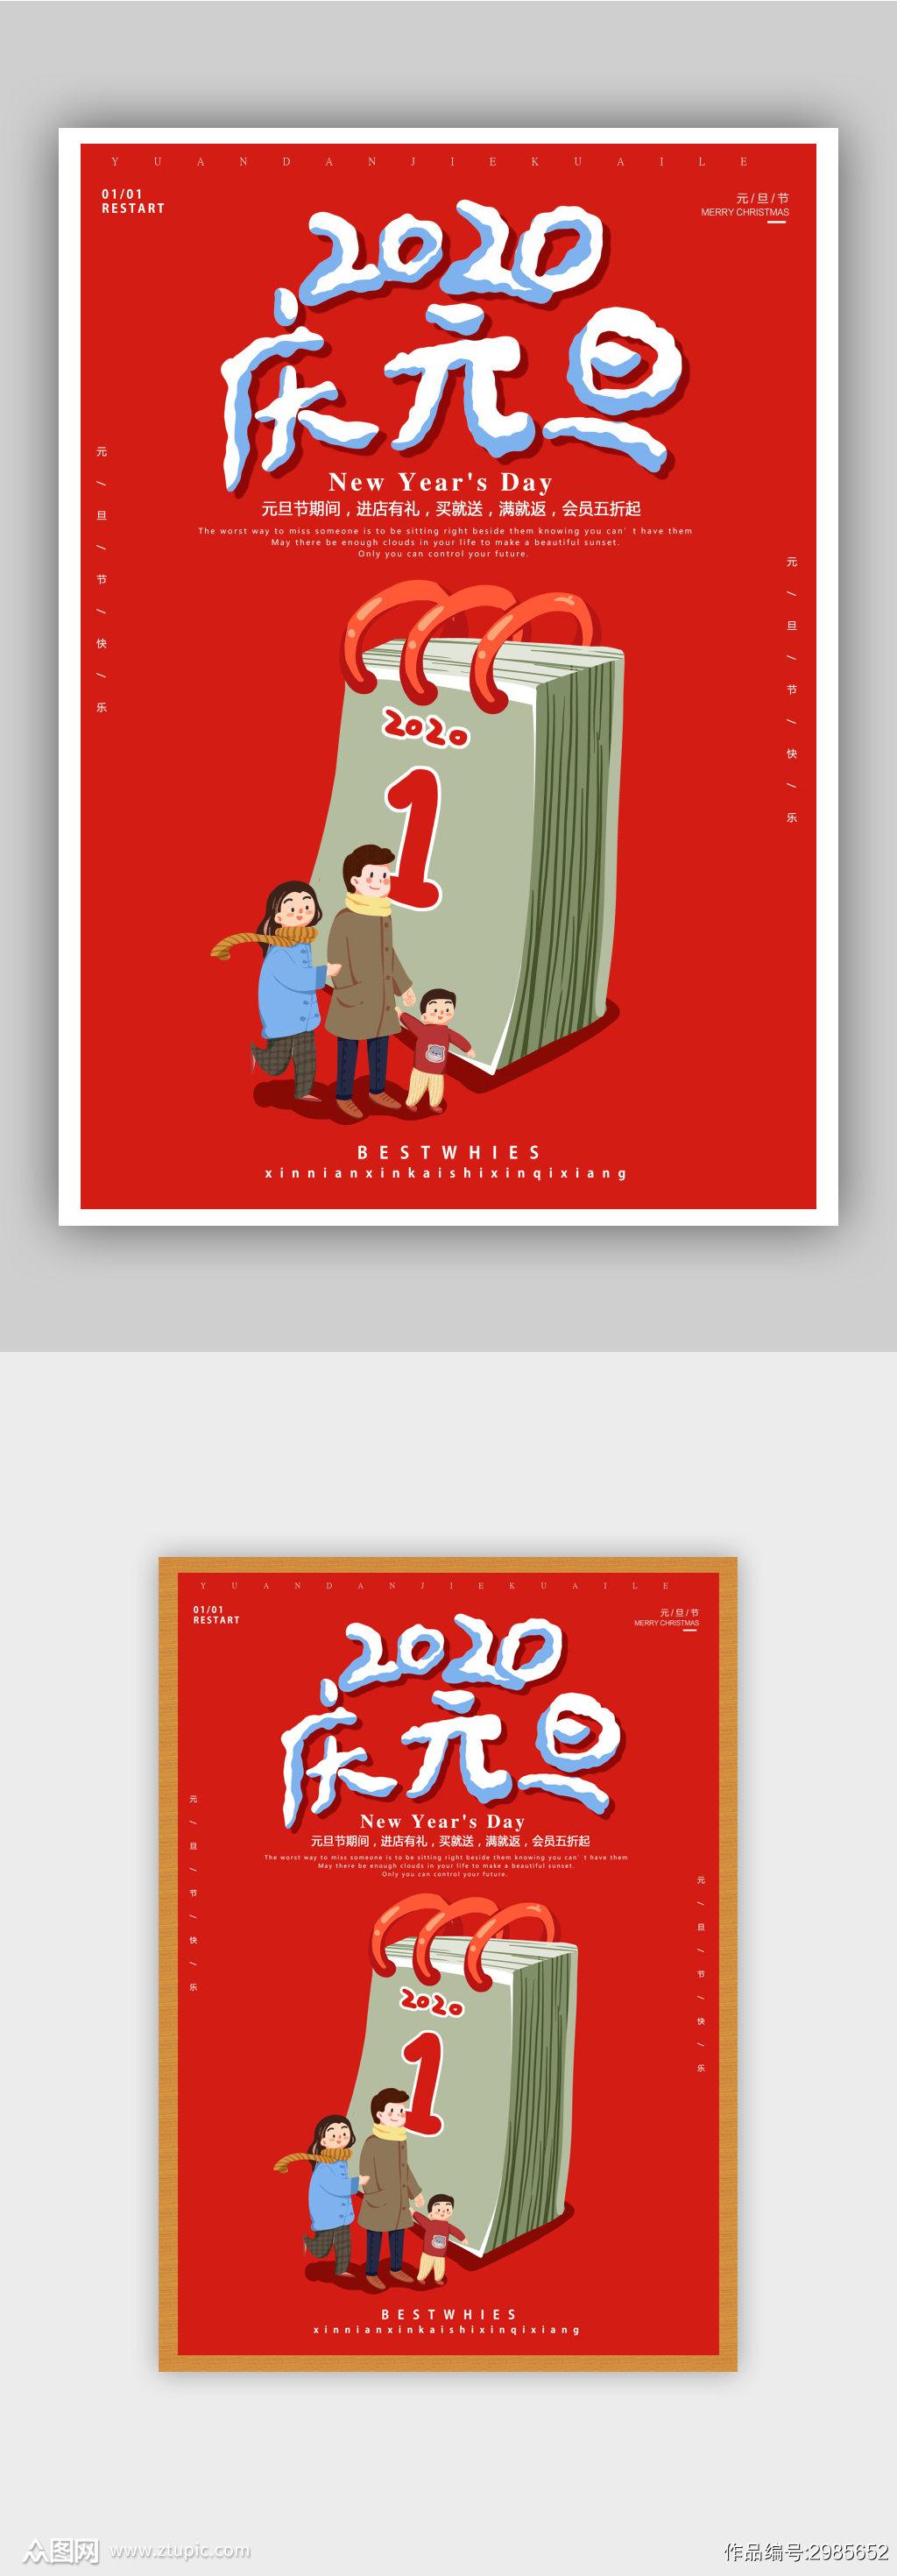 庆元旦迎新年海报素材